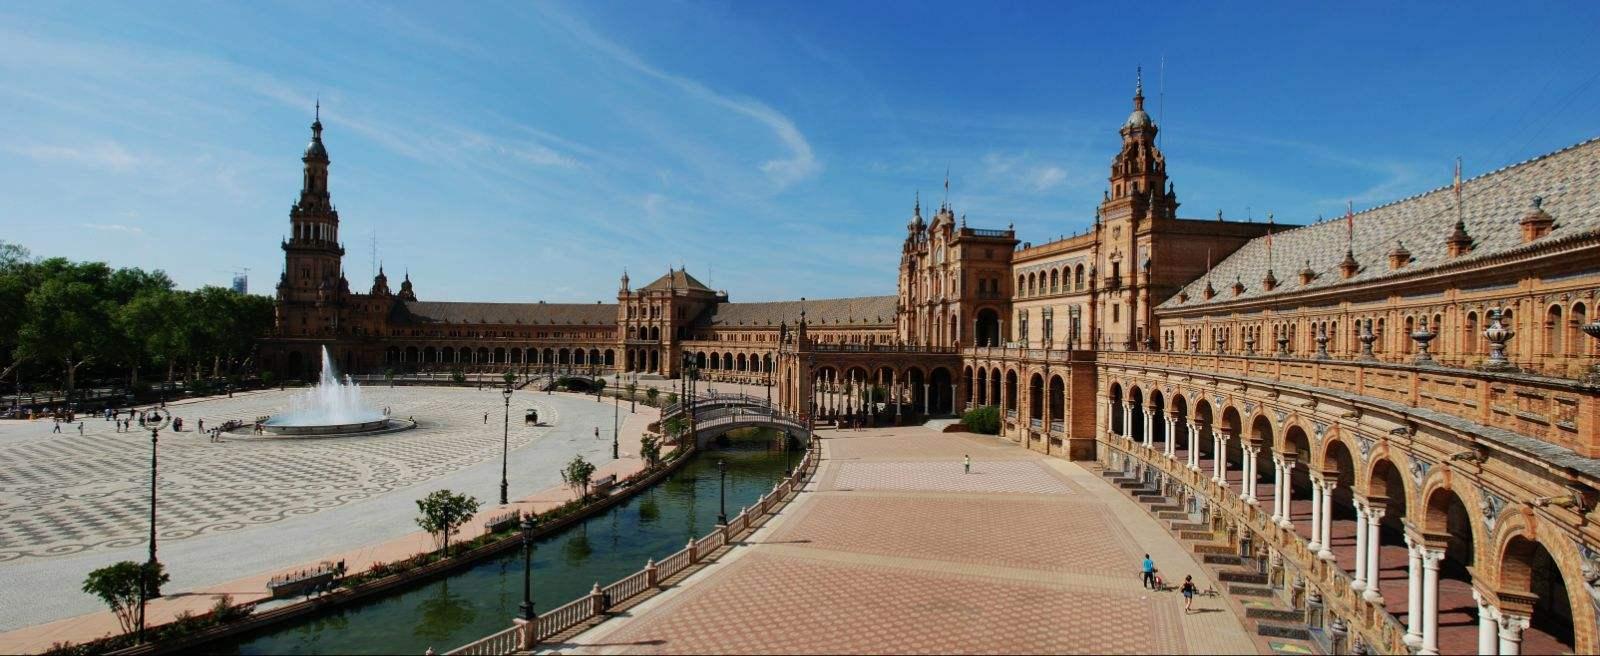 西班牙学费偏高 中国留学生数量不减反增